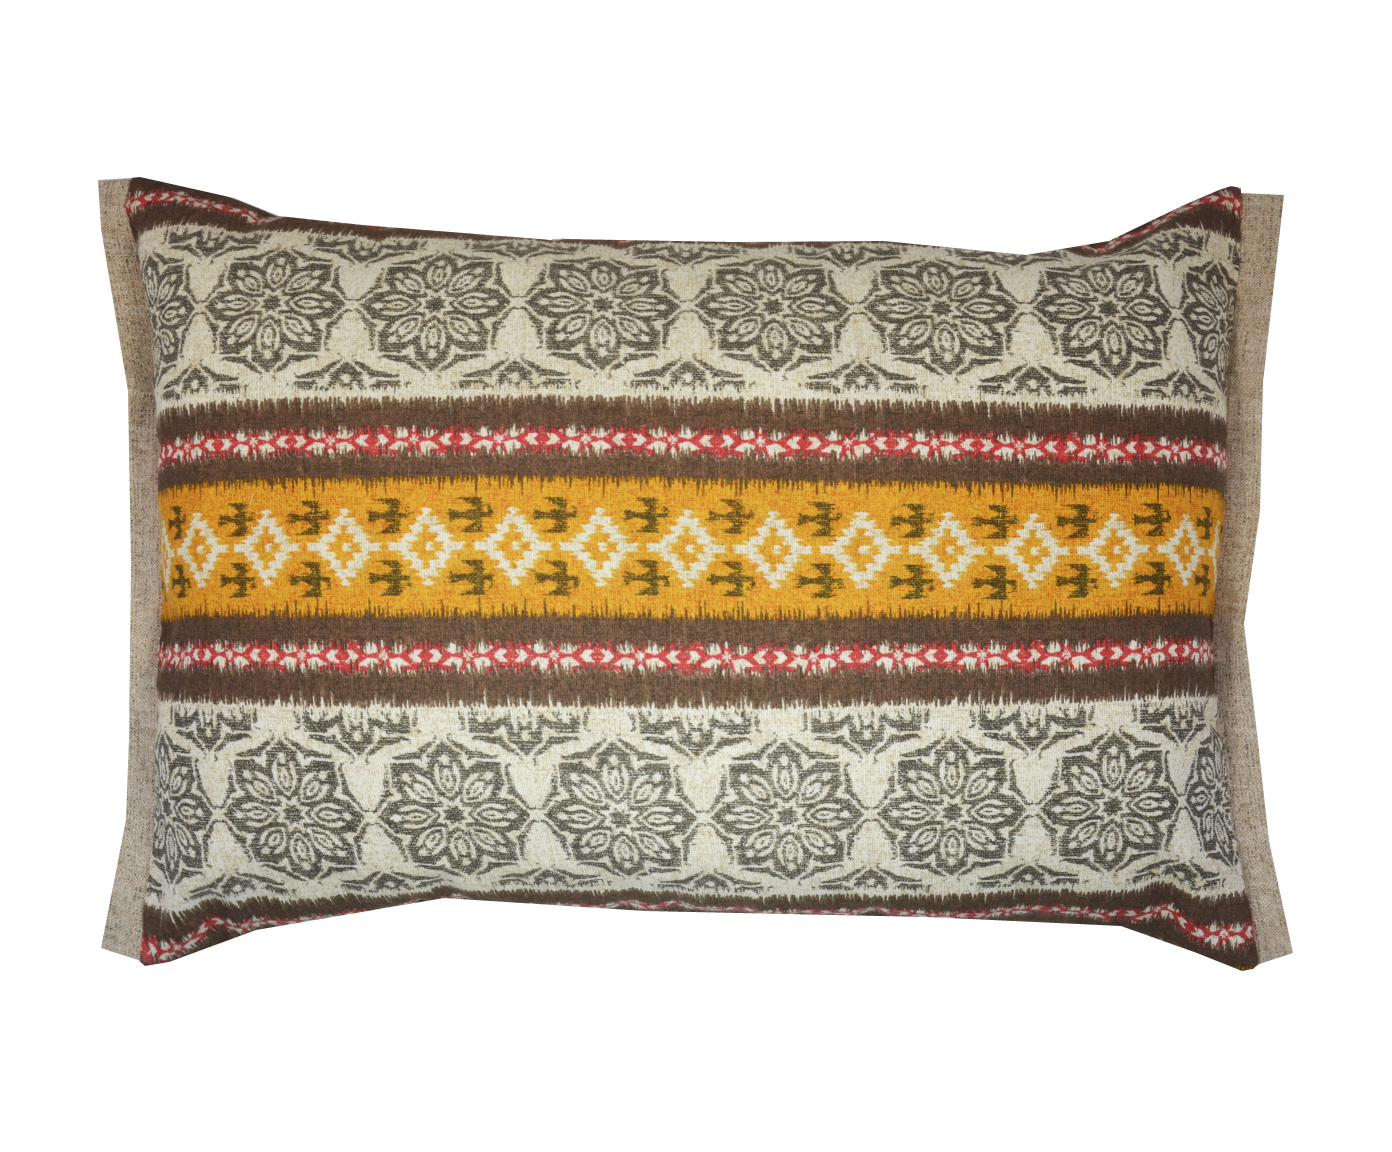 Подушка GranadaПрямоугольные подушки<br>Декоративная  подушка .Чехол съемный.<br><br>Material: Хлопок<br>Length см: None<br>Width см: 60<br>Depth см: 15<br>Height см: 40